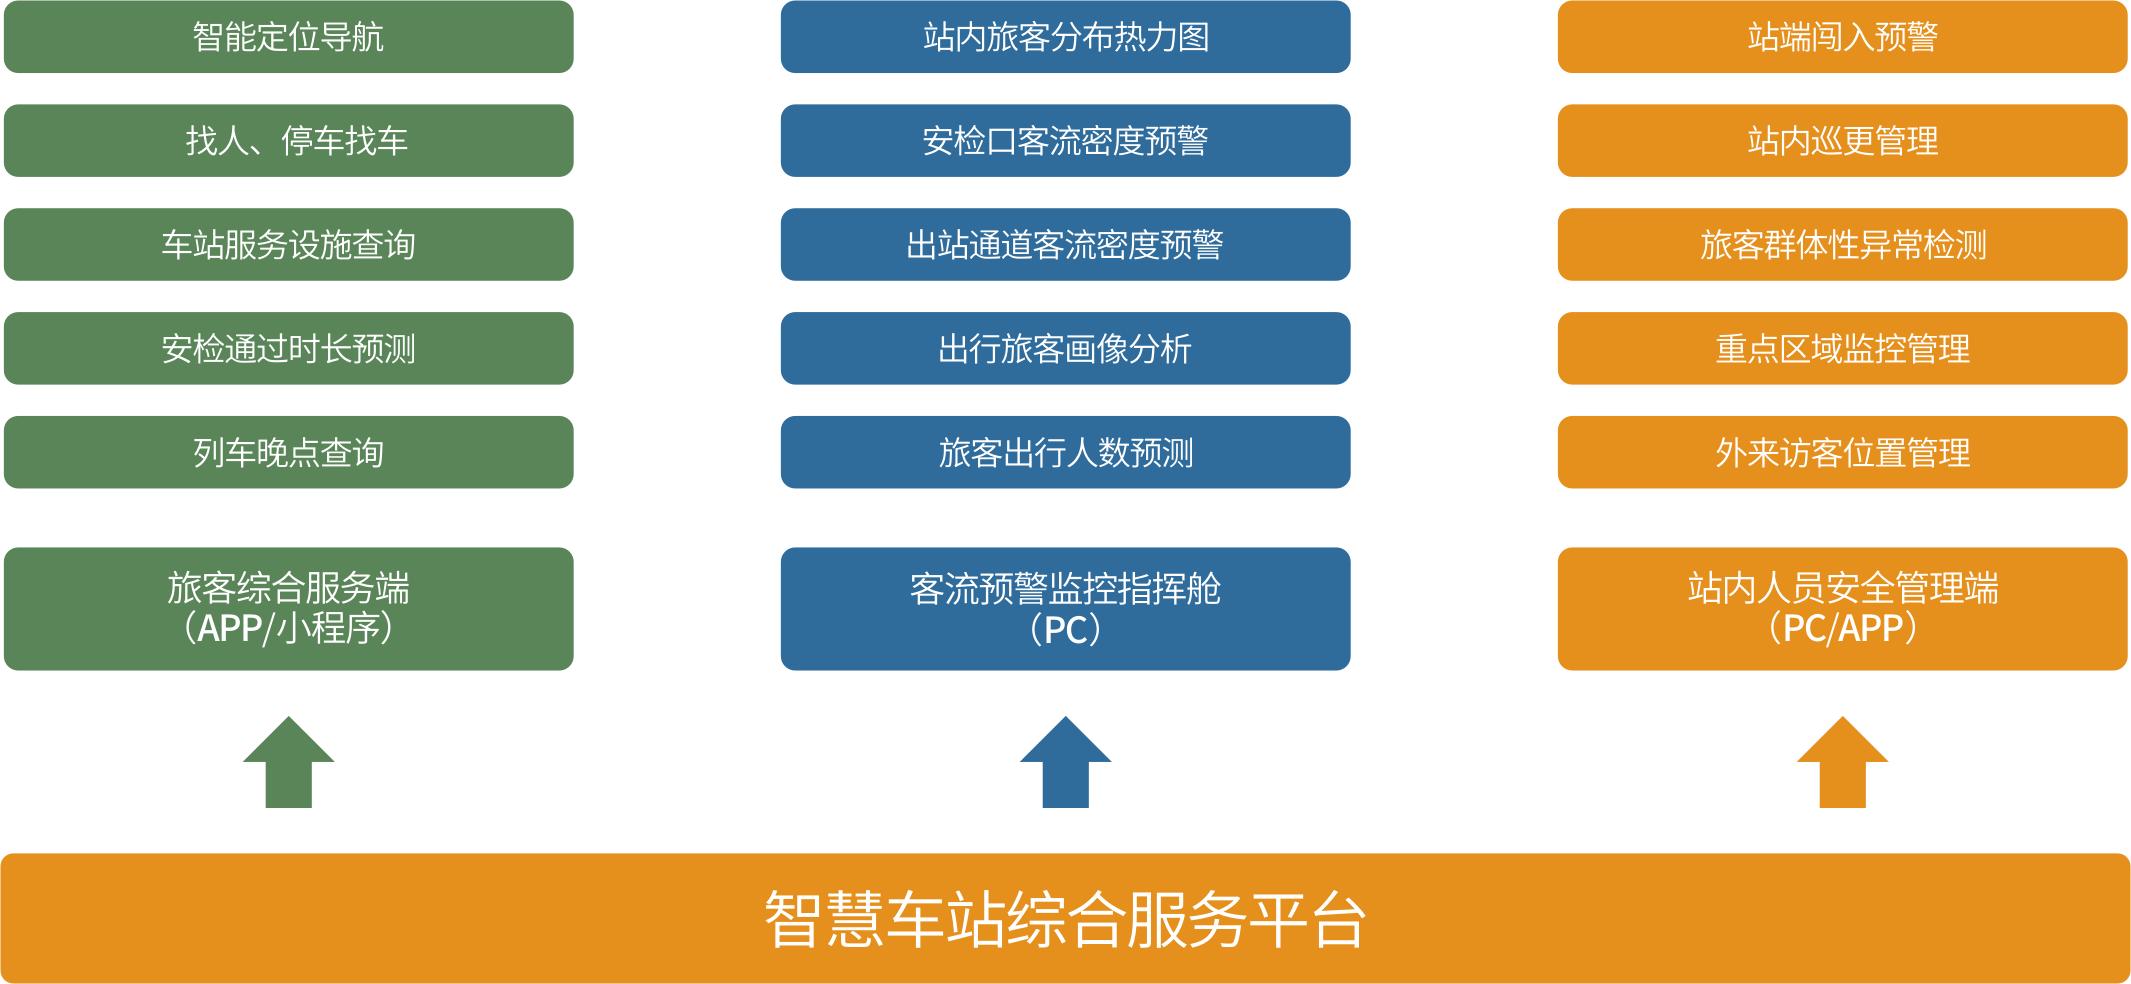 车站导航系统架构